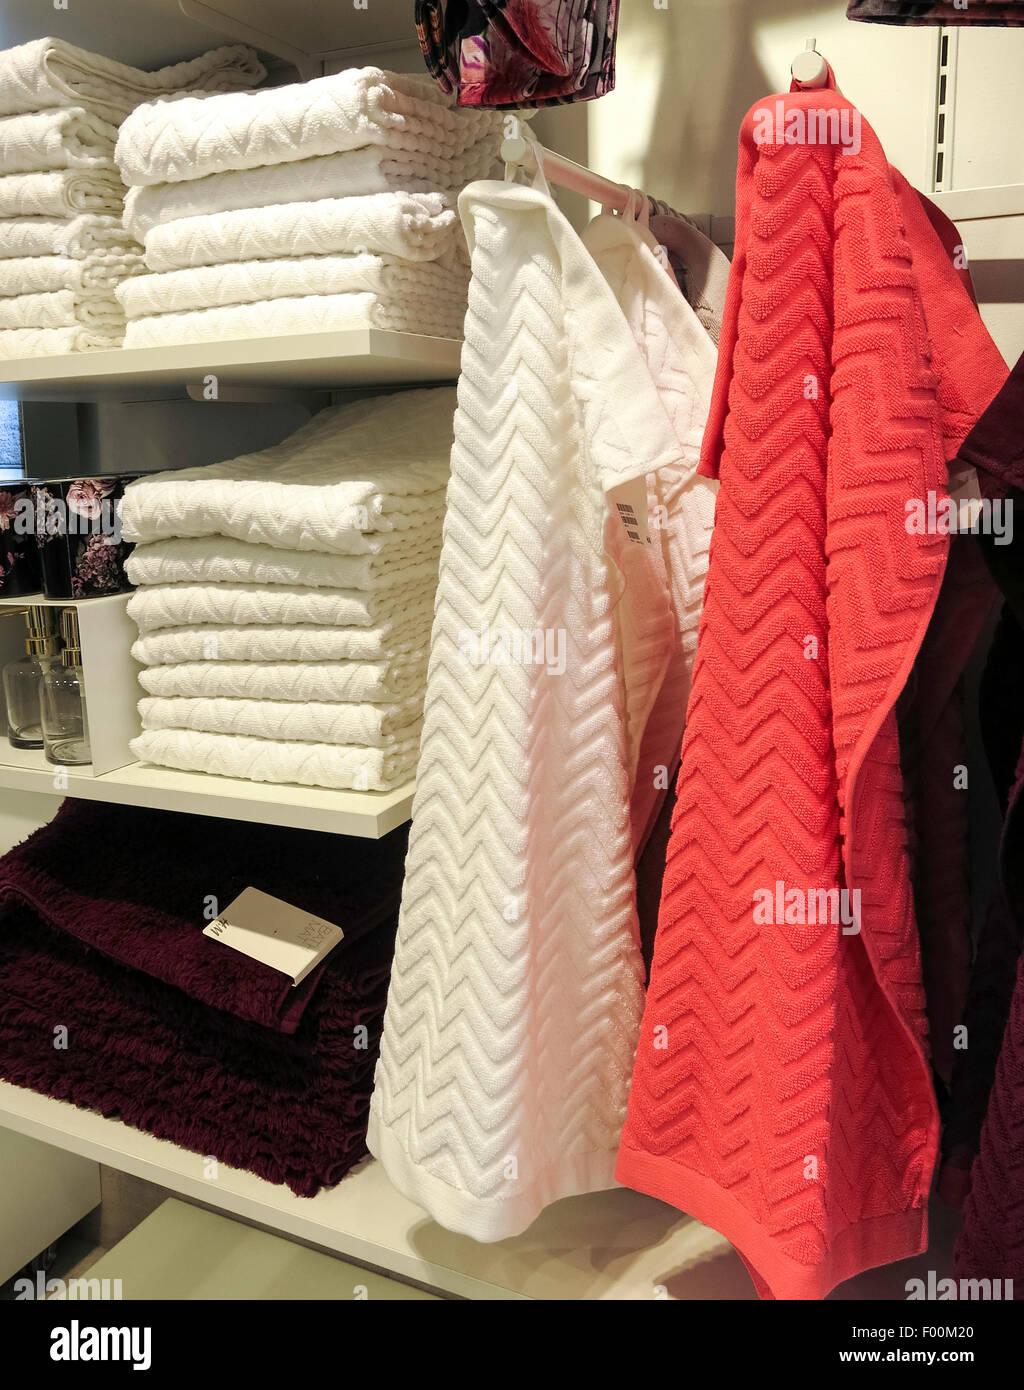 Bettwäsche Und Handtücher H M Kleidung Store Interieur Im Herald